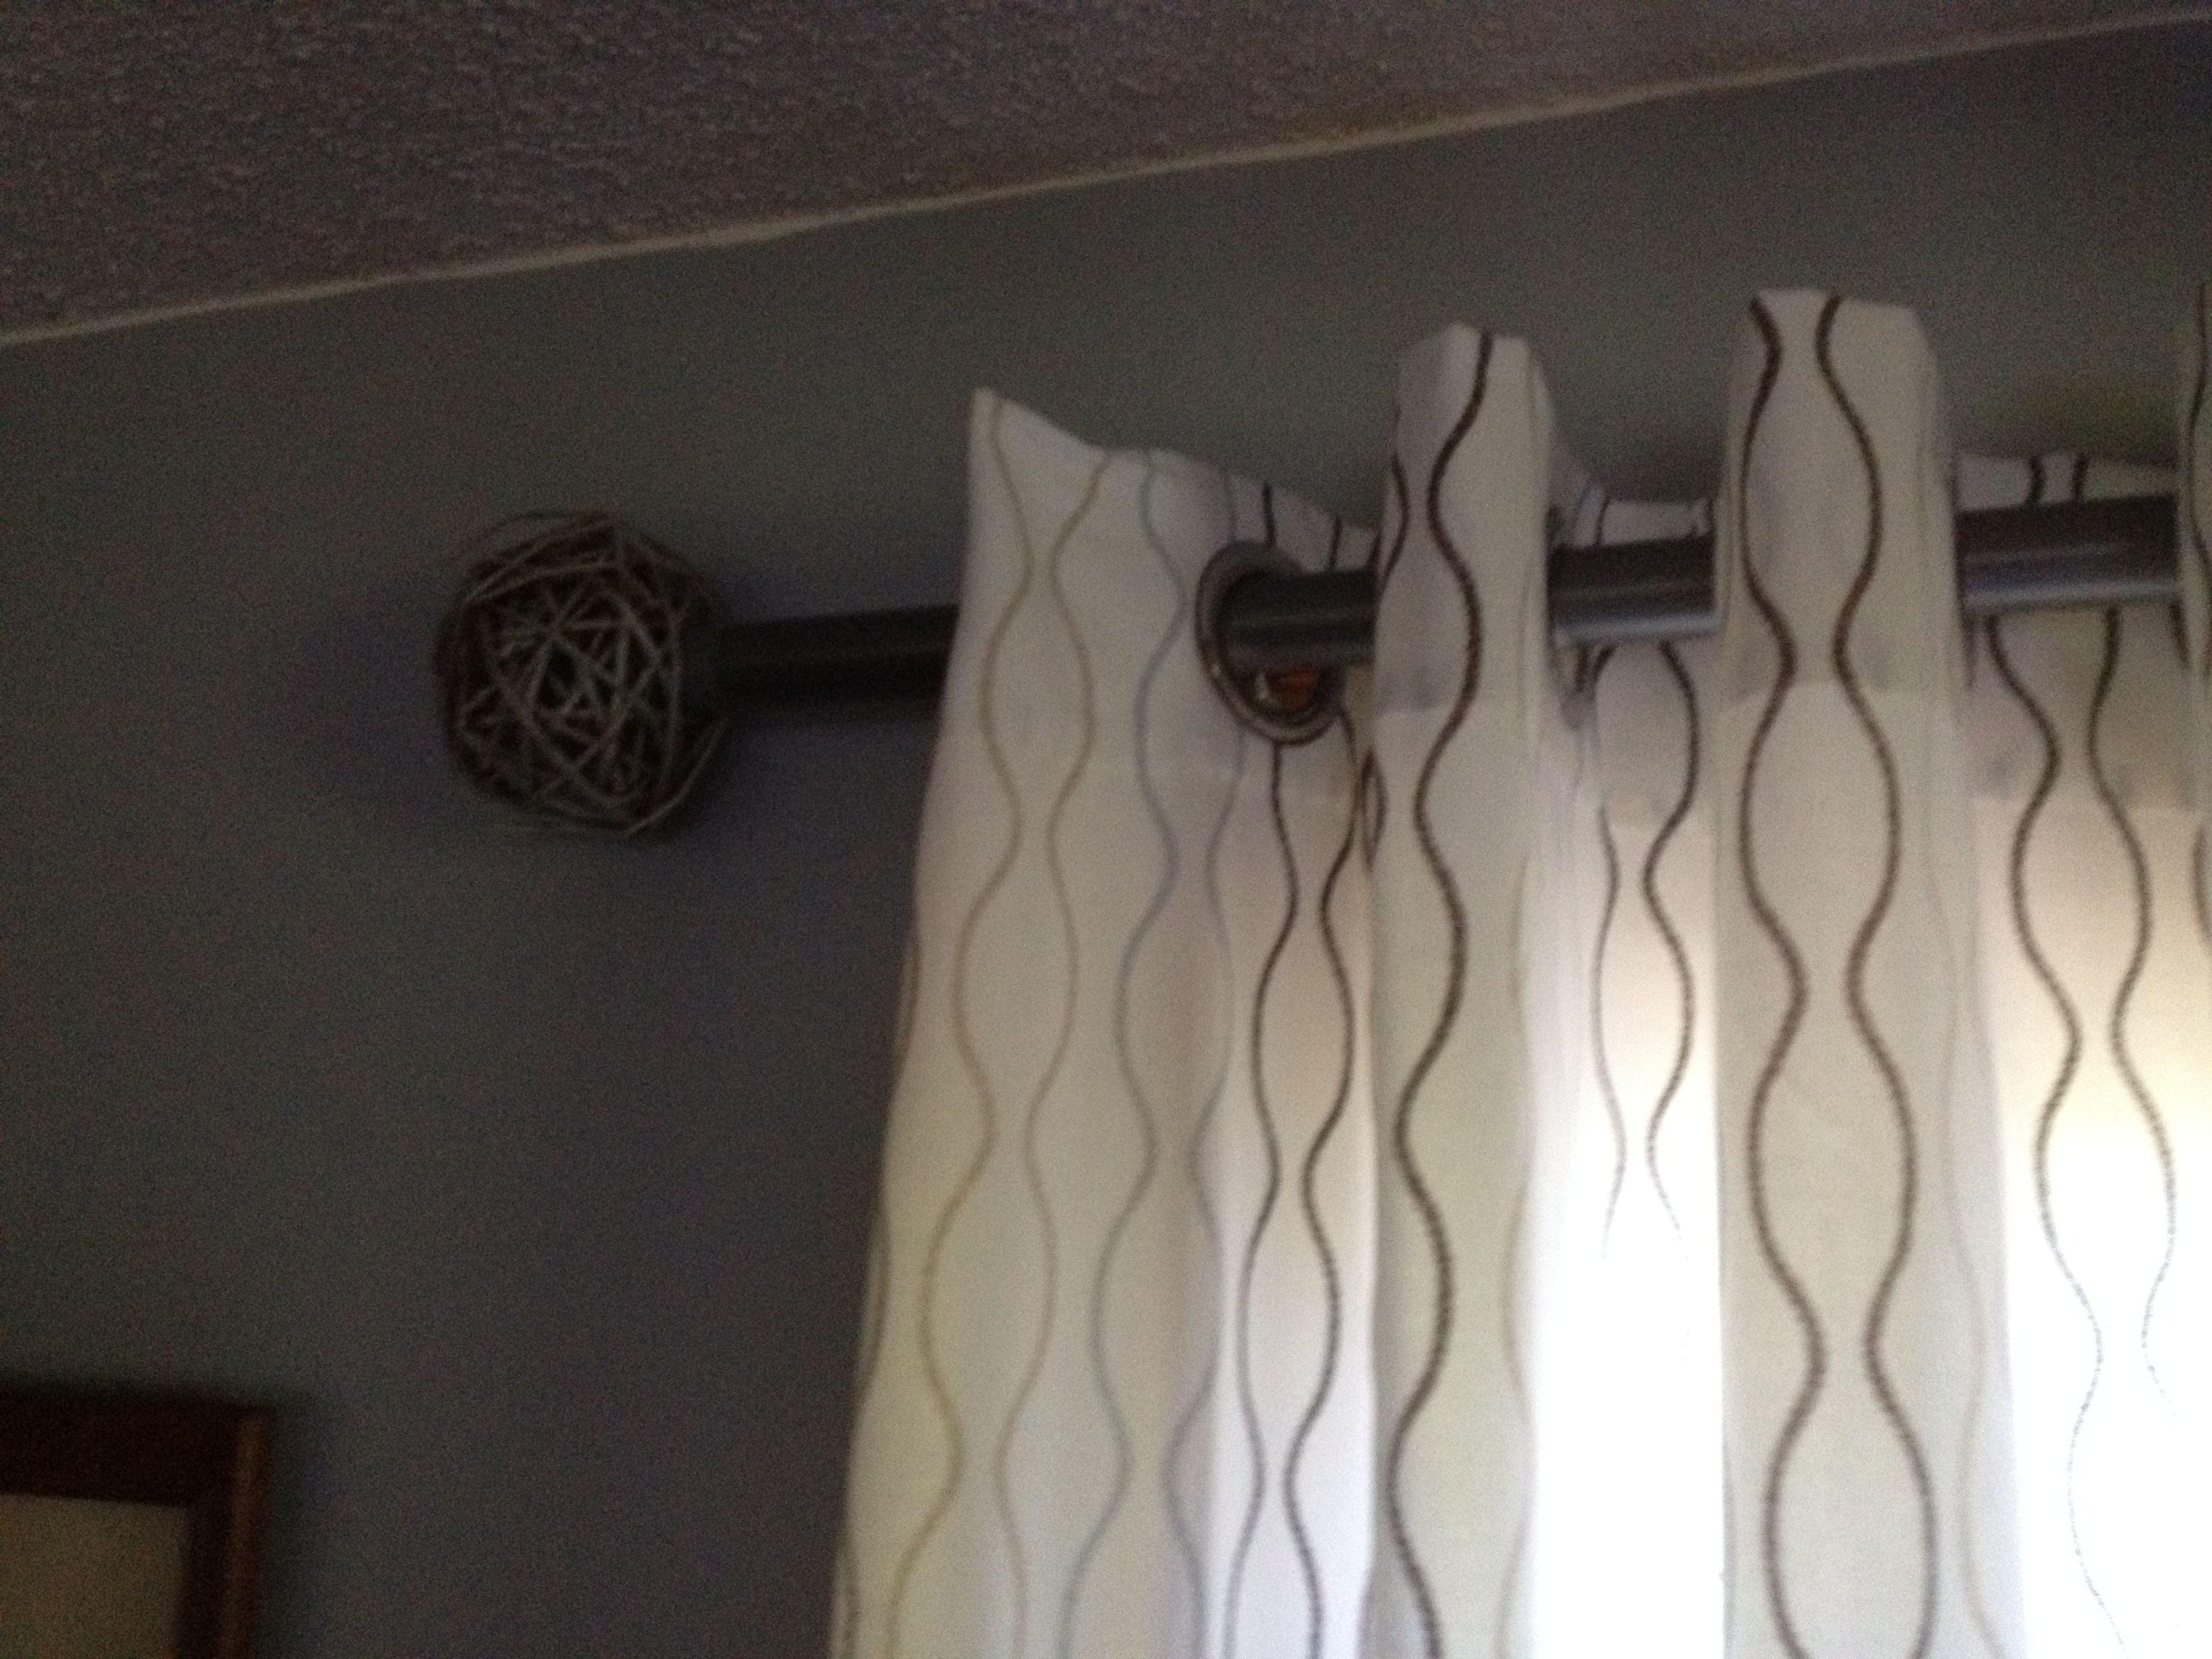 wicker balls from michaels 3 99 each